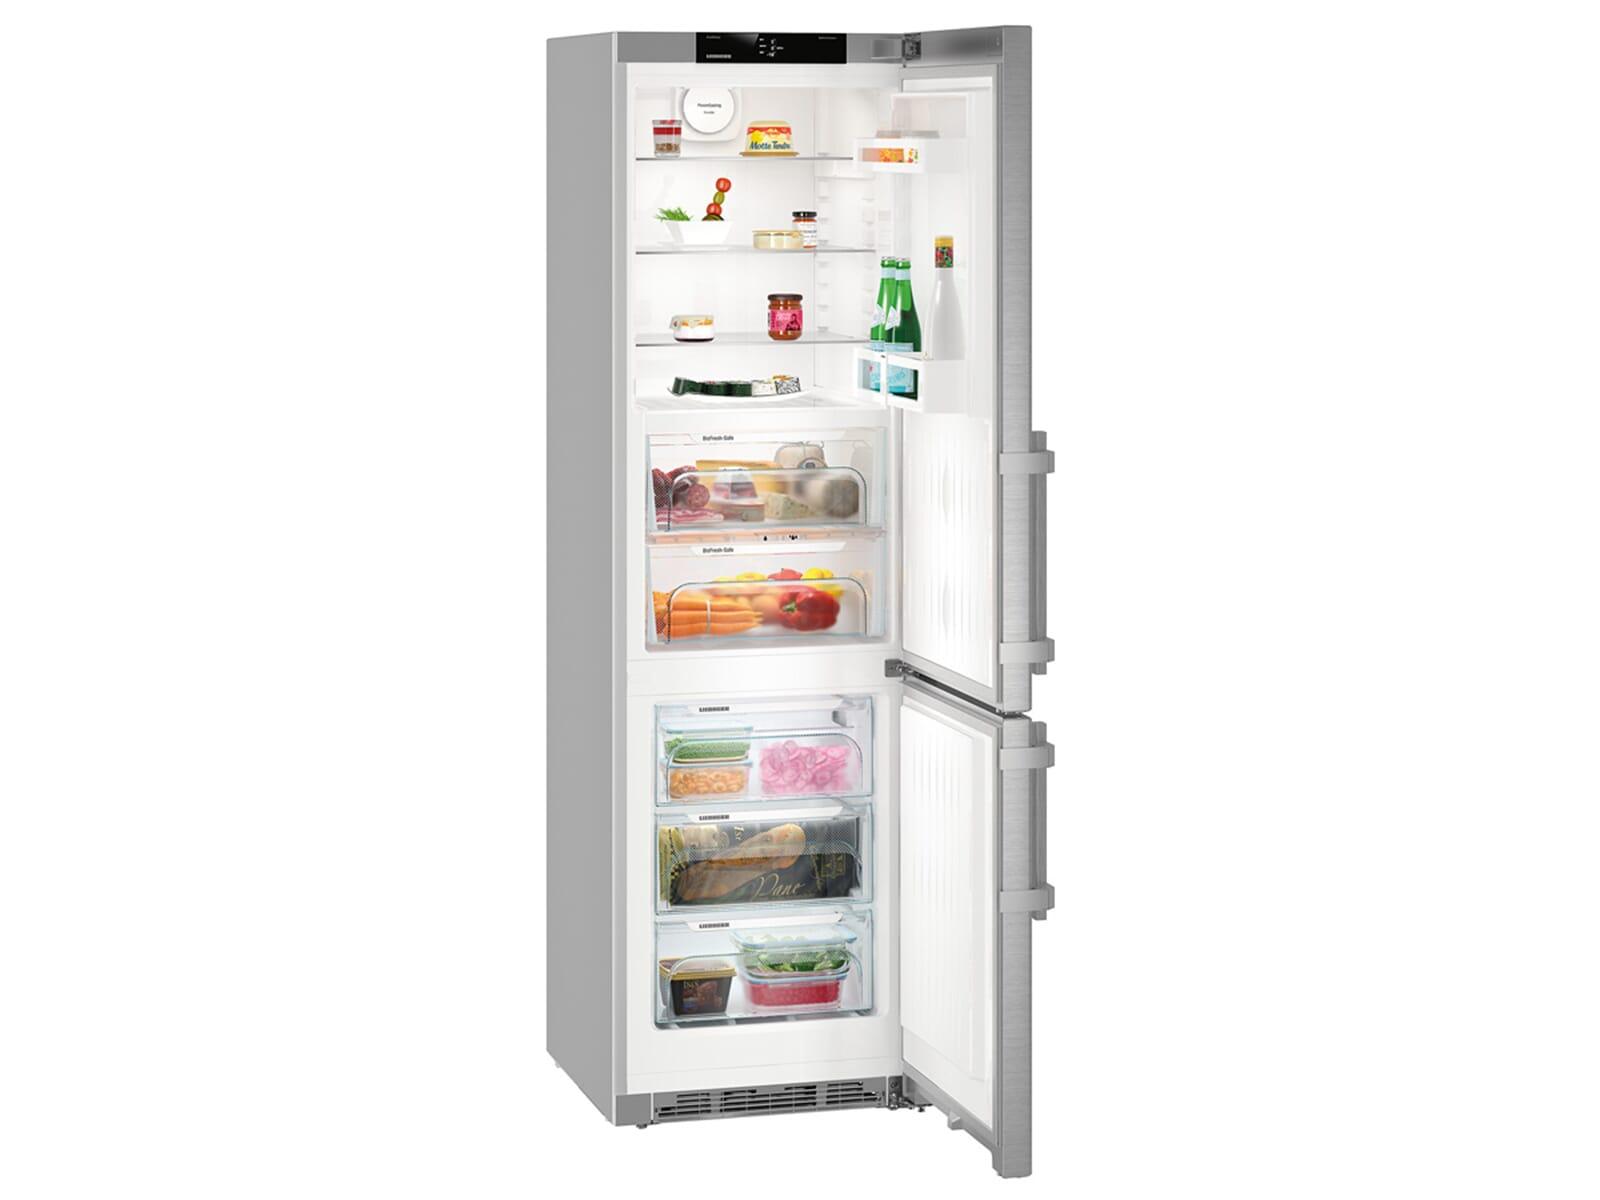 Liebherr Kühlschrank Edelstahl : Liebherr cbef comfort kühl gefrierkombination edelstahl a